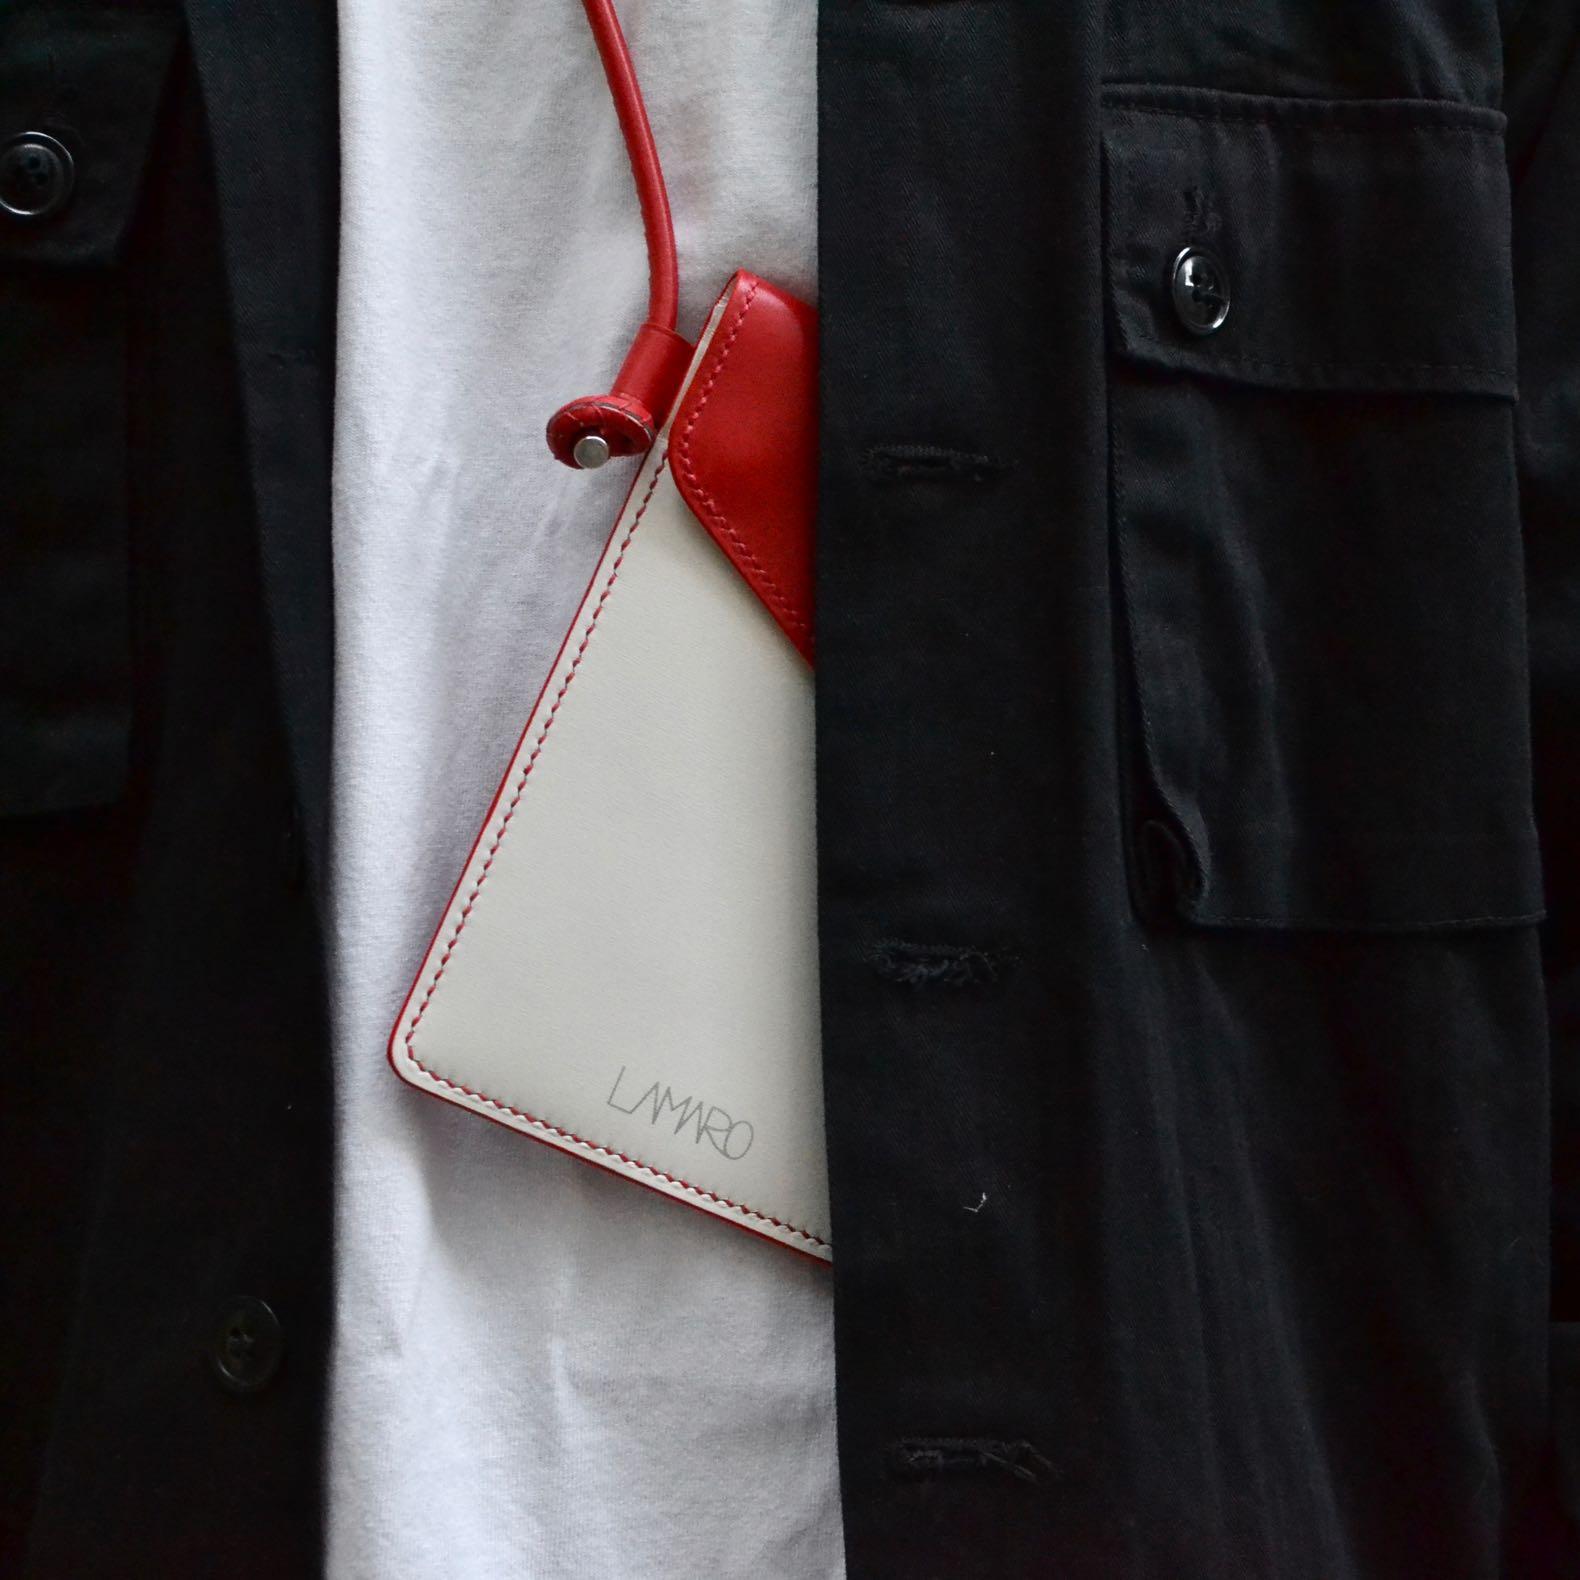 porter couleur rouge noire